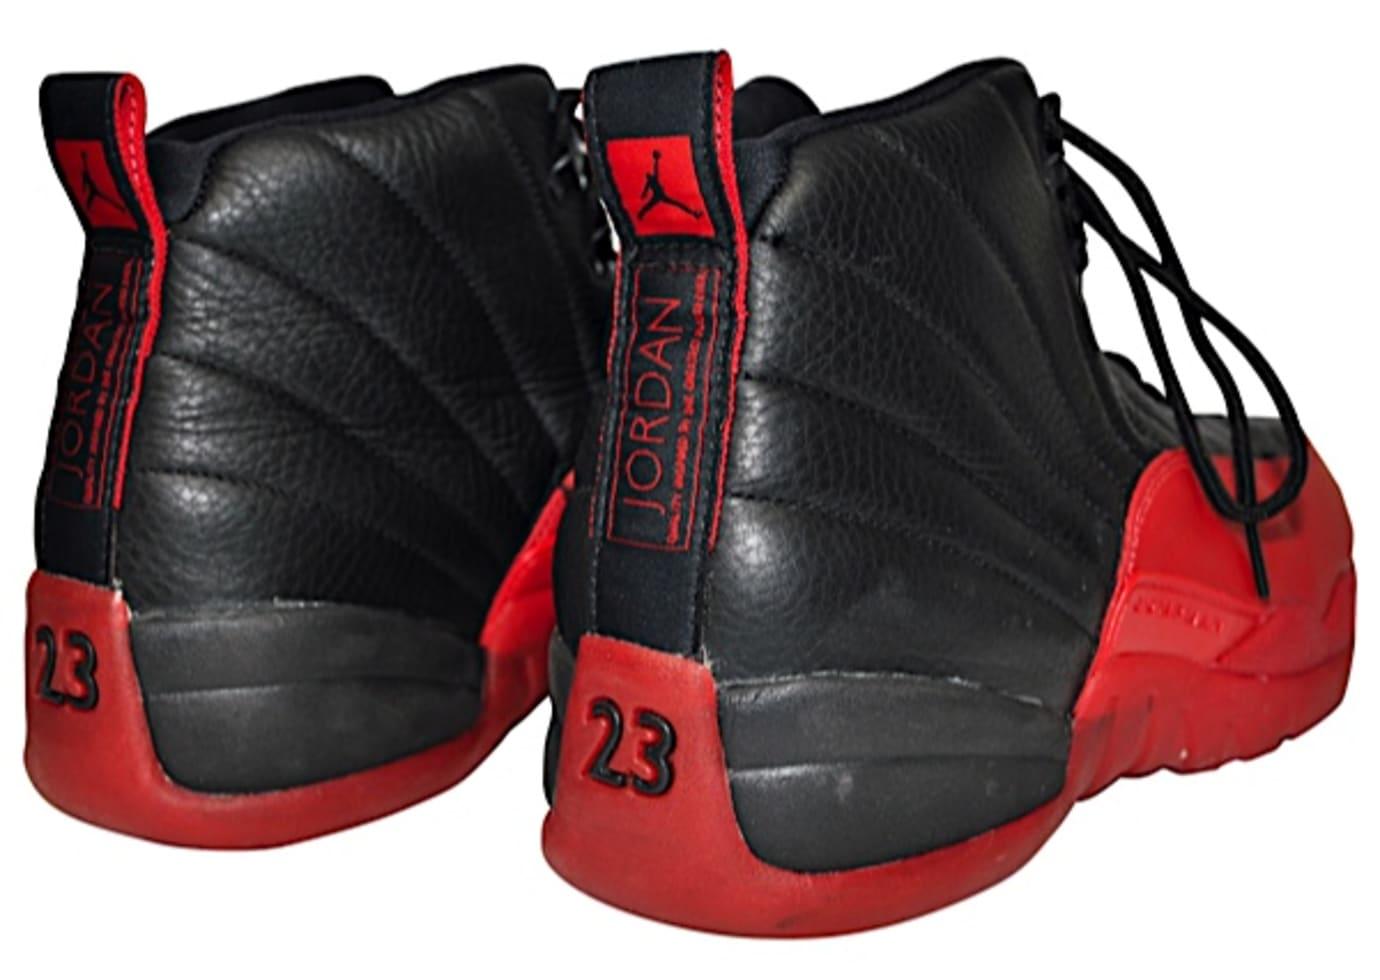 Michael Jordan Flu Game Air Jordan 12 Game 3 1997 Eastern Conference Finals Heel